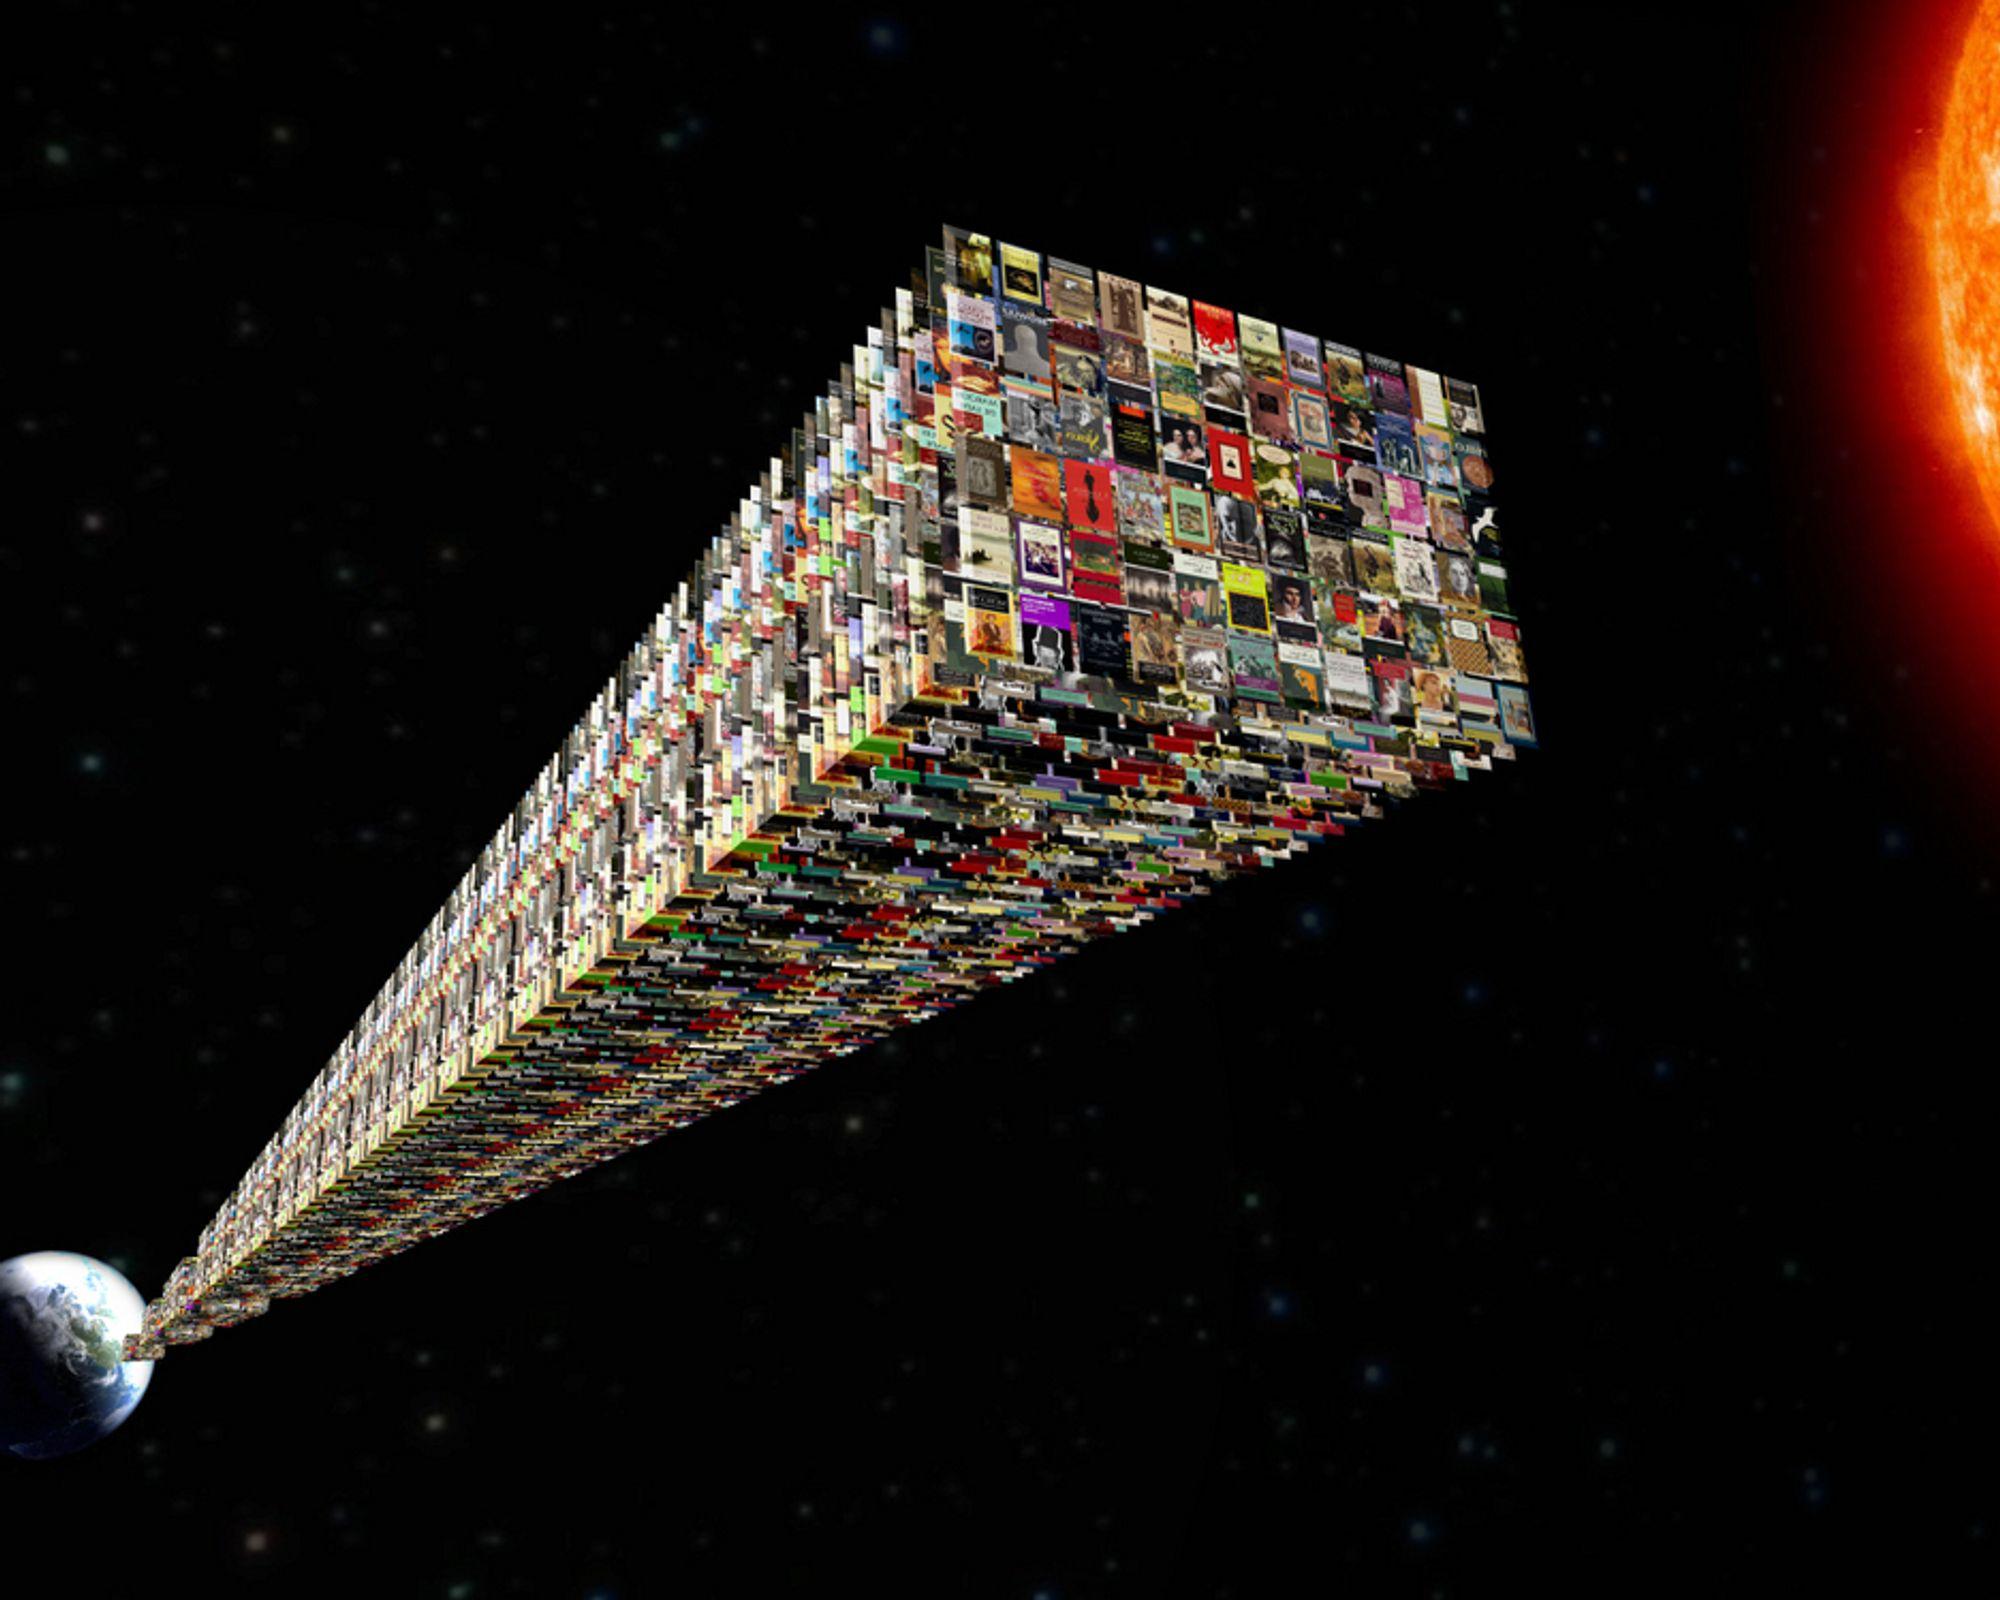 REKORDMYE: 988 milliarder gigabytes er ufattelig mye data! Dersom dette skulle lagres på papir ville dette ha tilsvart 72 stabler av den siste Harry Potter-boken, fra jorden til solen.